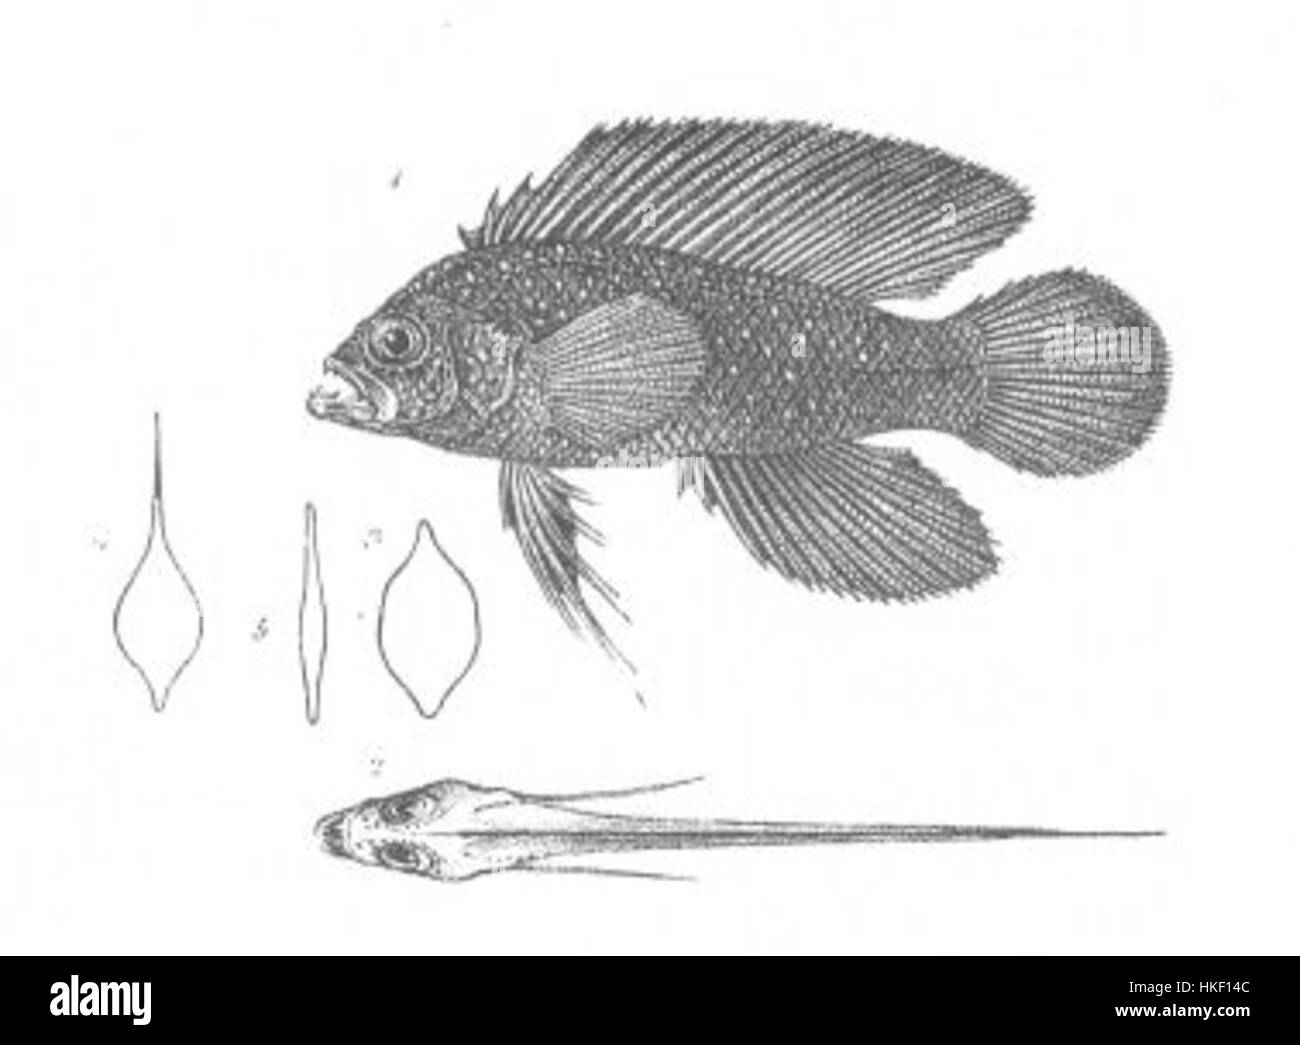 Assiculus punctatus (Discoveries in Australia) - Stock Image